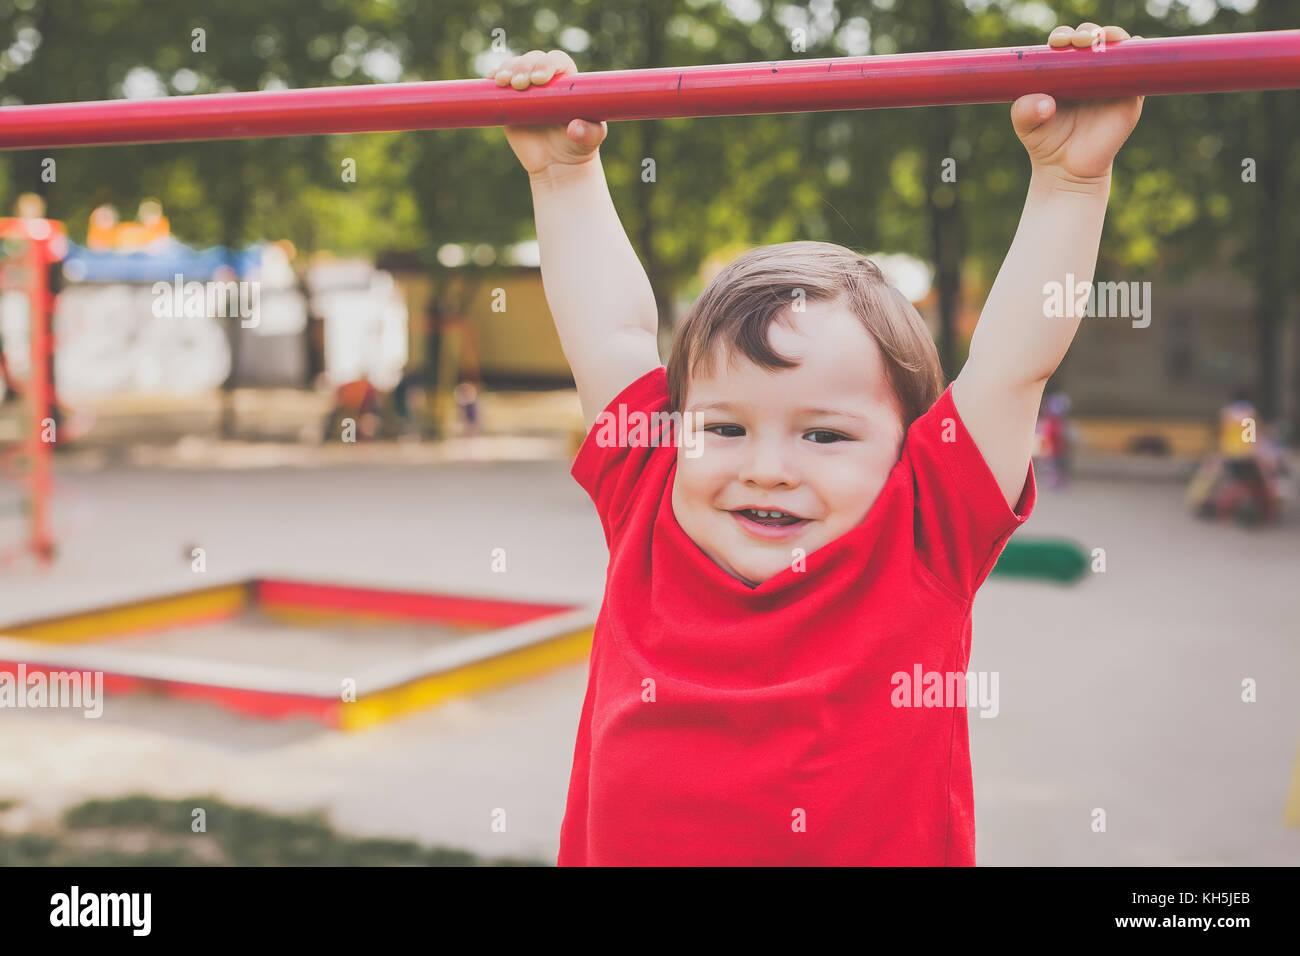 Portrait of cute boy smiling et jouant sur des jeux pour enfants Photo Stock